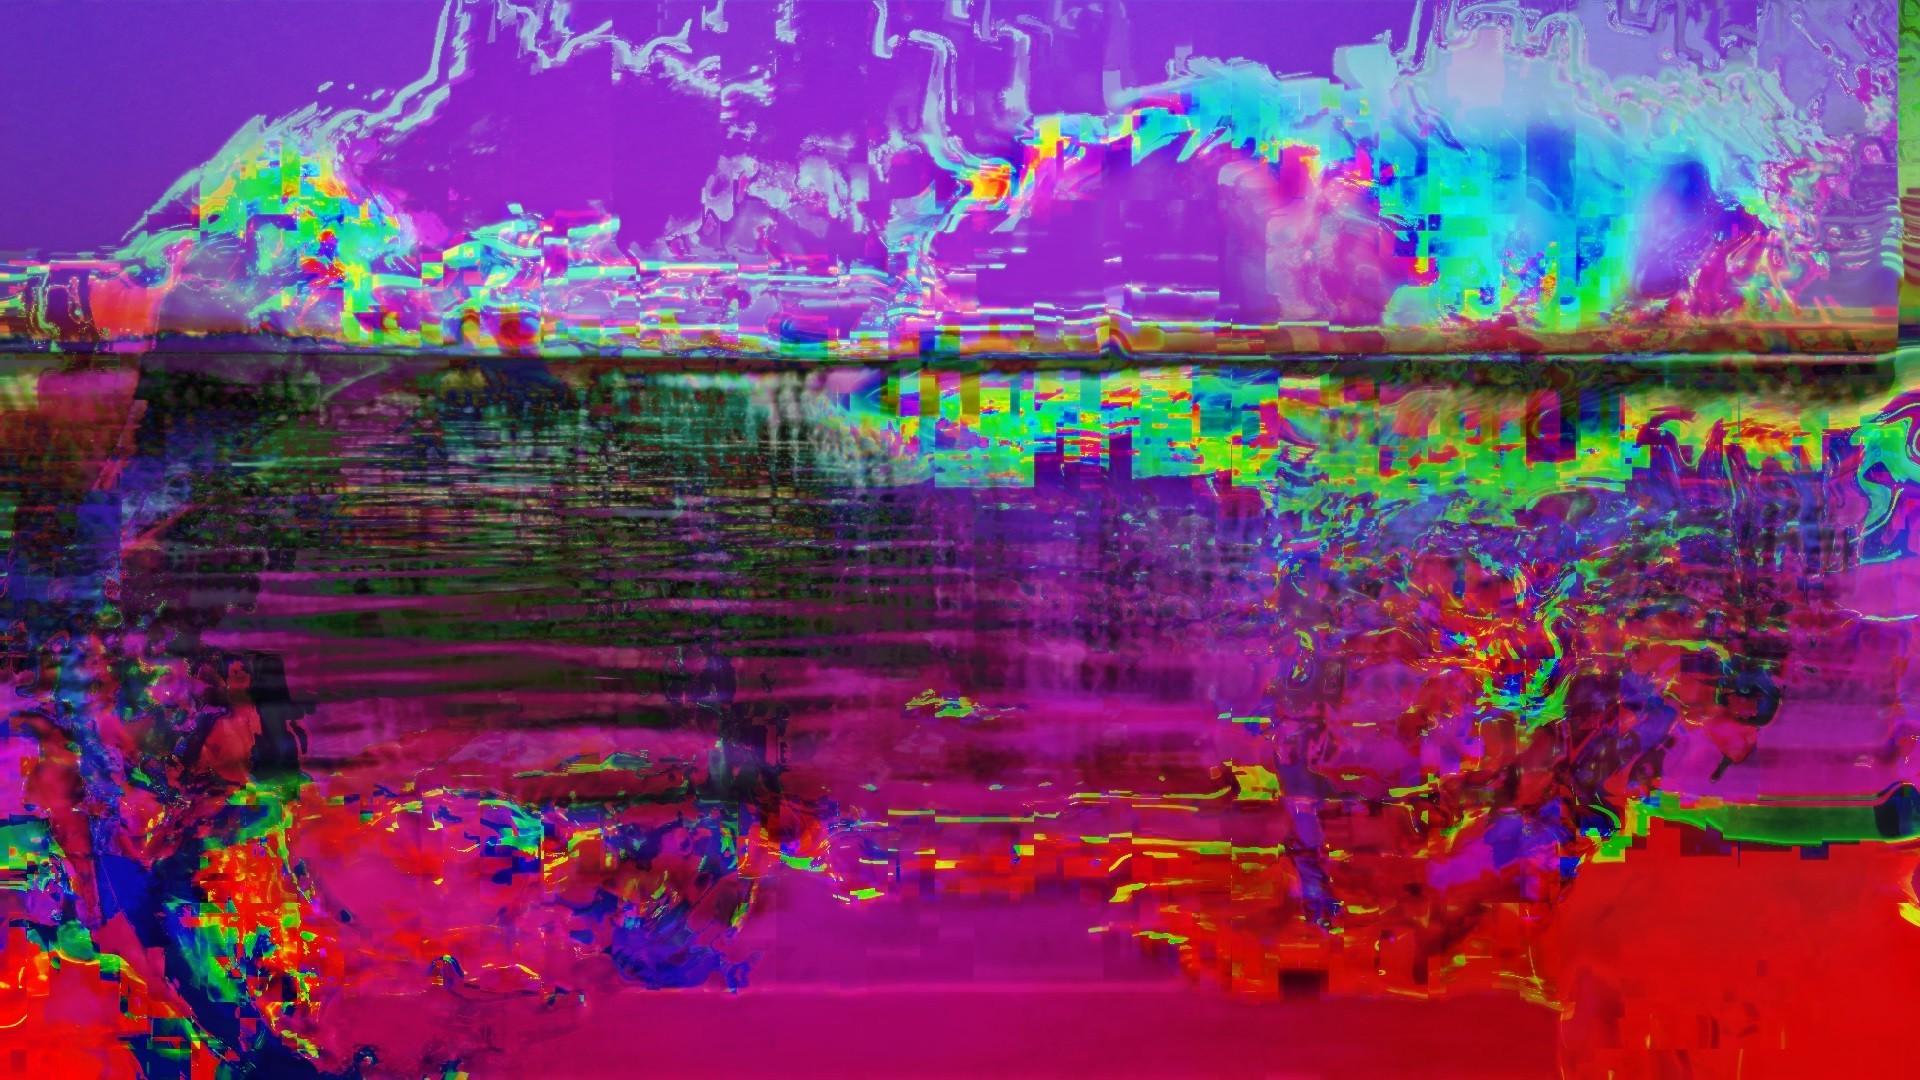 Hintergrundbilder 1920x1080 Px Abstrakt Glitch Art